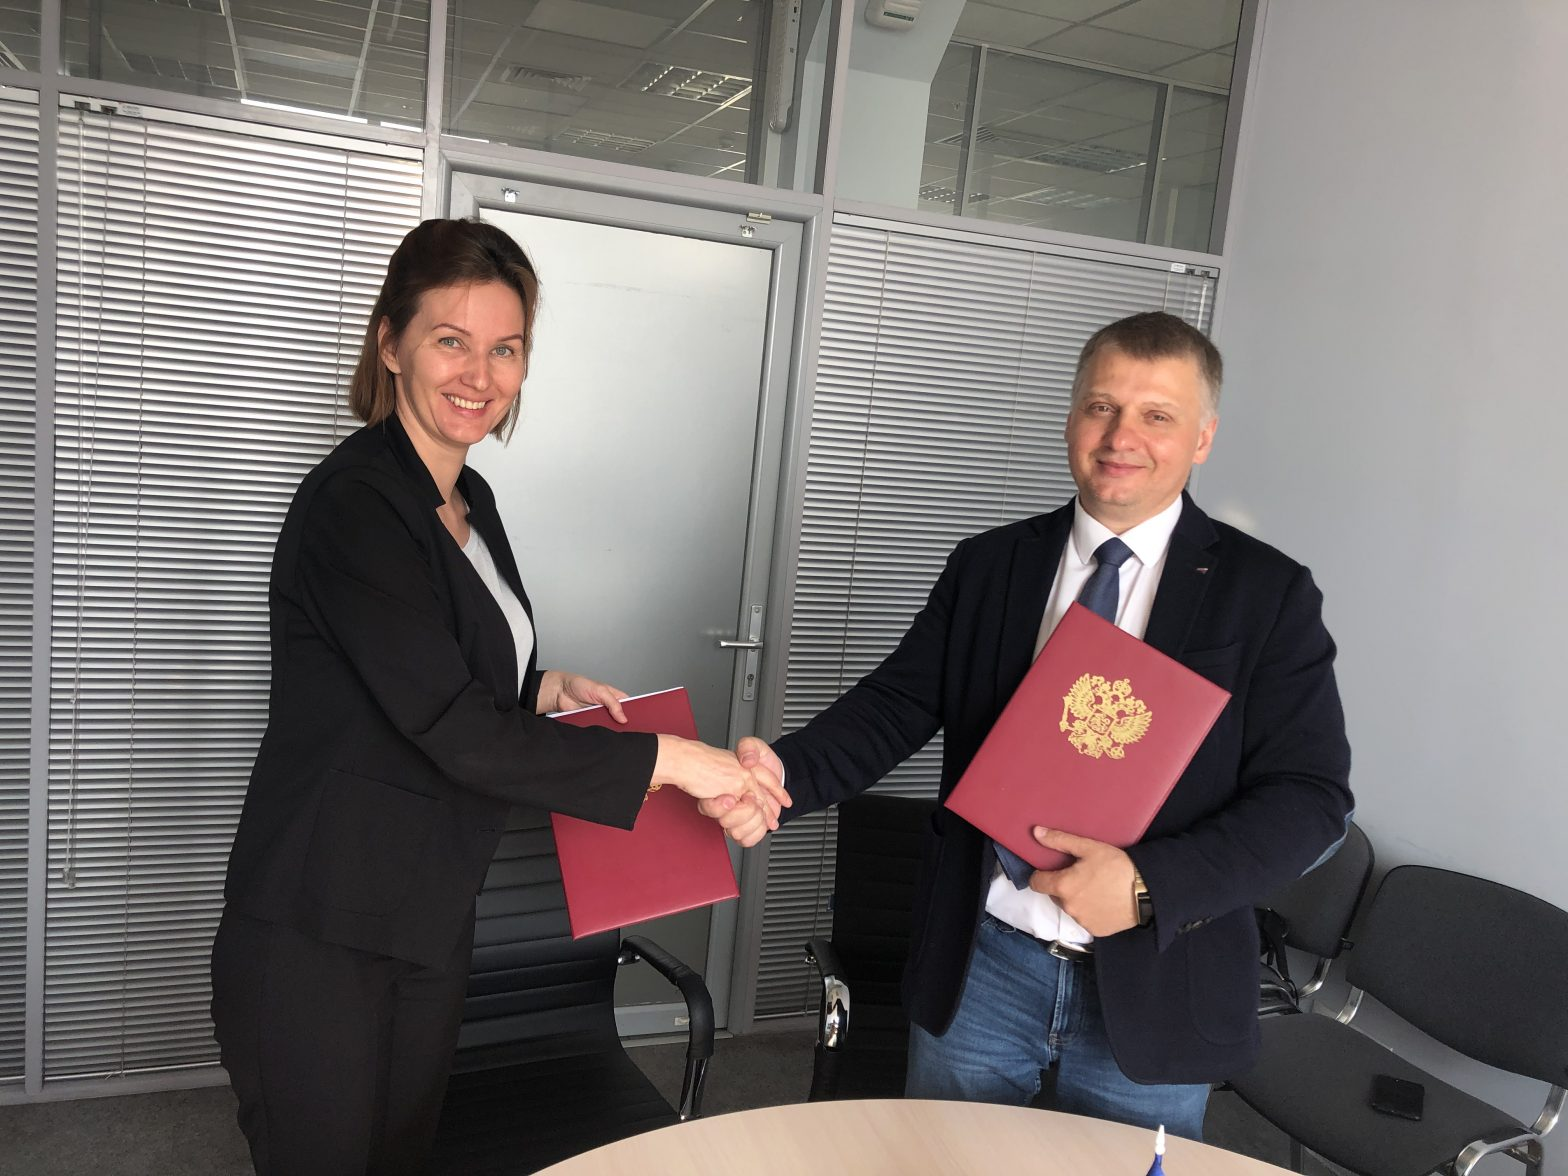 Приморское краевое отделение «ОПОРЫ РОССИИ» подписало соглашение о сотрудничестве АО «Роял Кредит Банк»